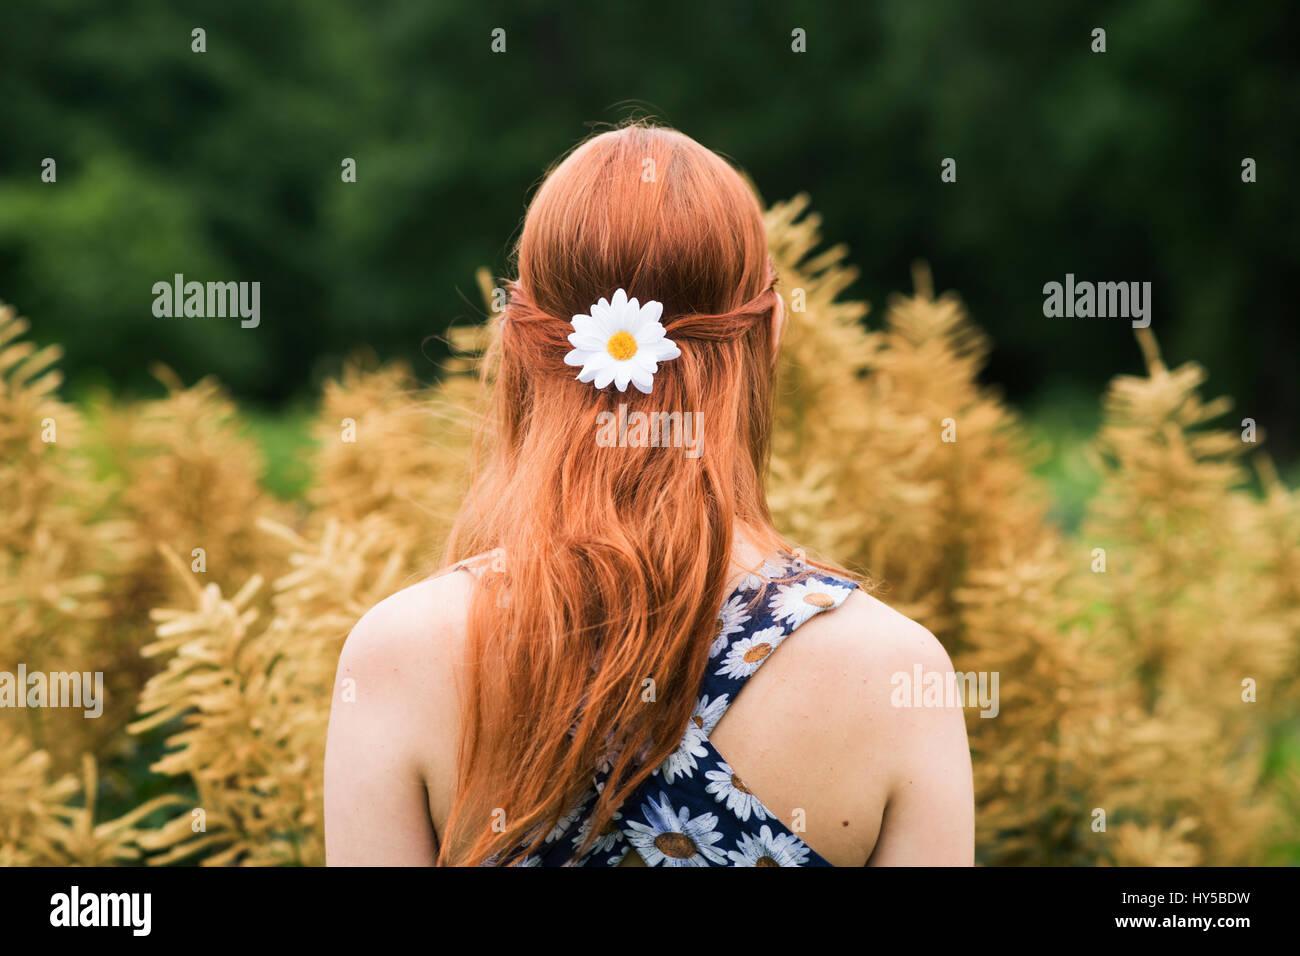 Finnland, Pirkanmaa, Tampere, junge Frau mit geblümten Kleid und Daisy Blume im Haar Stockbild